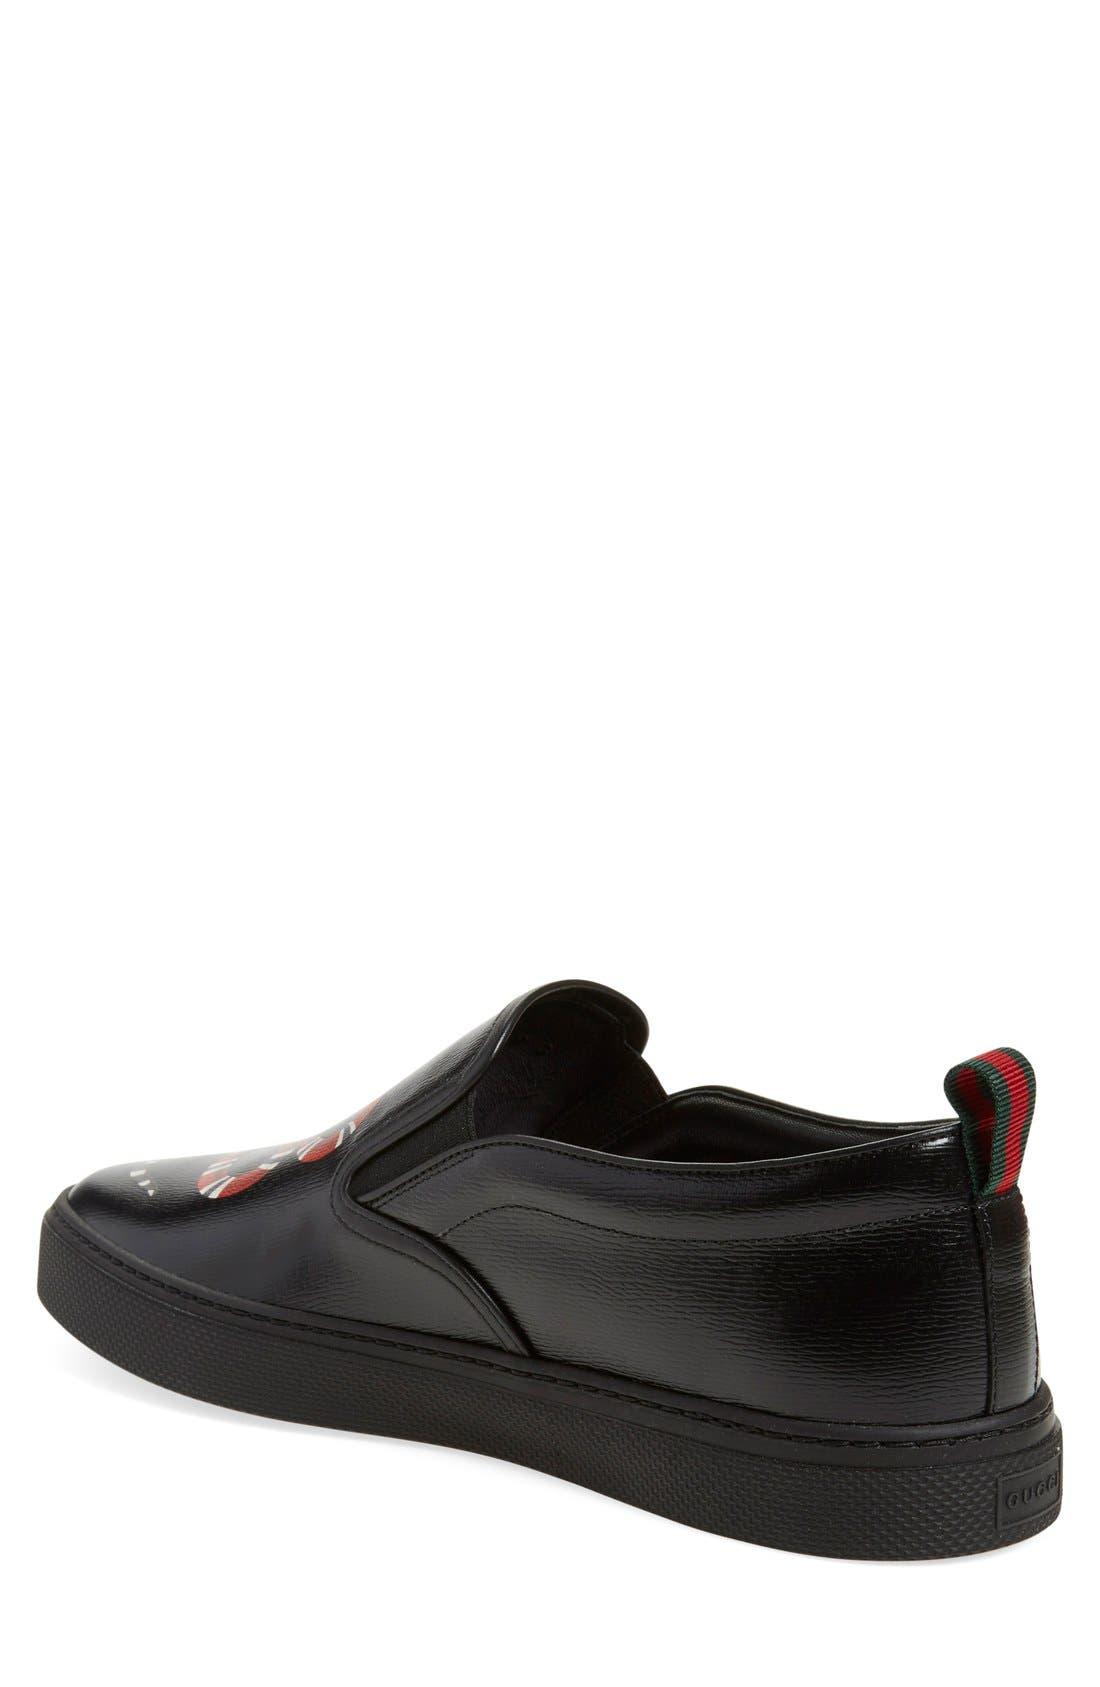 Dublin Slip-On Sneaker,                             Alternate thumbnail 33, color,